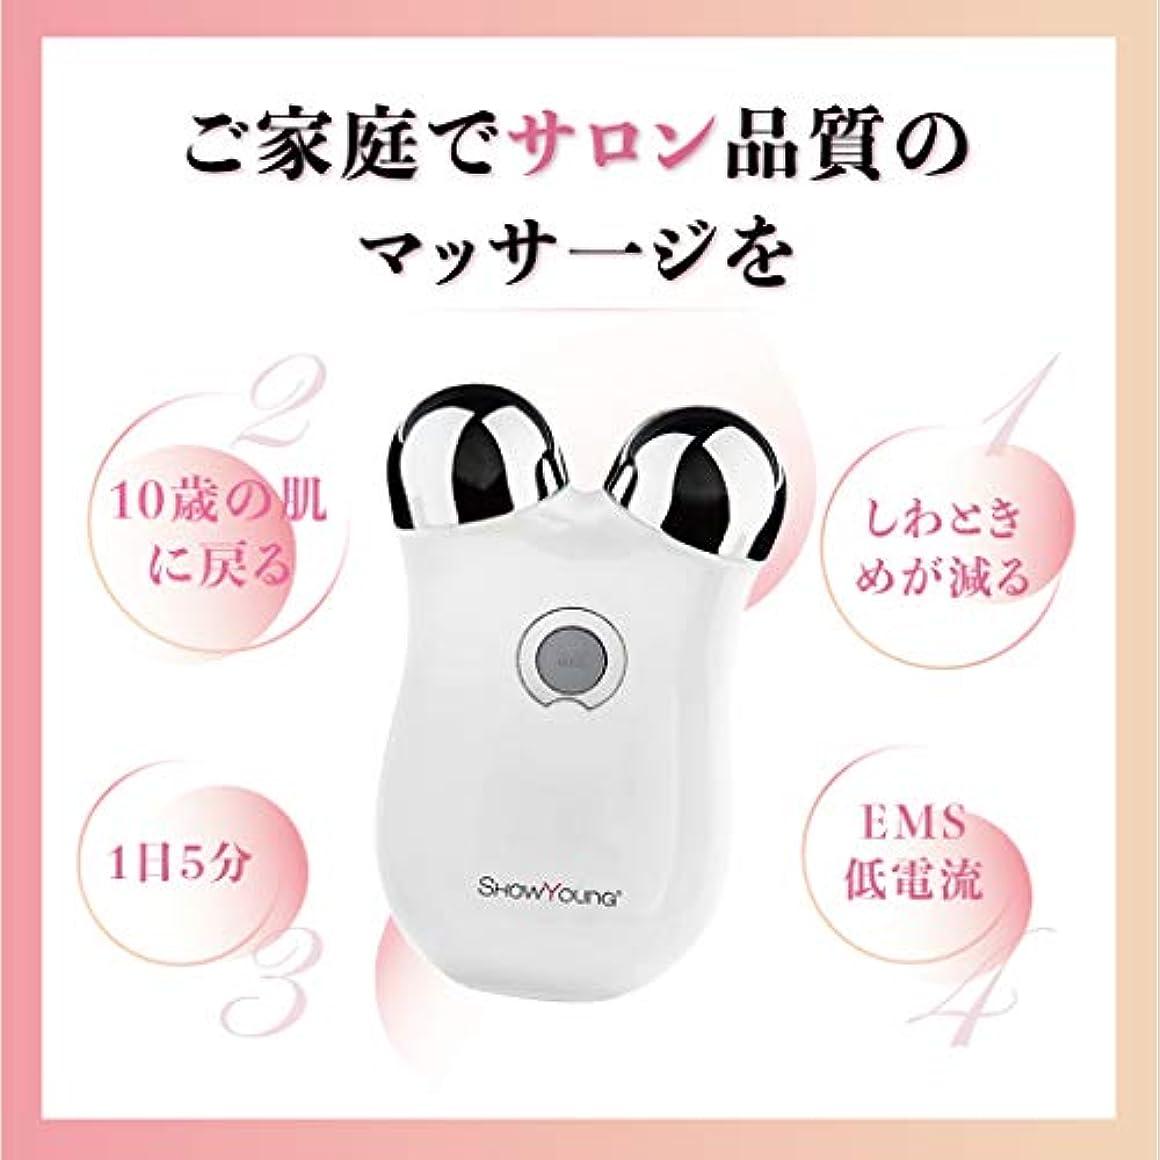 伝染病ドール差別的Showyoung 微小電流ミニ顔マッサージ器、顔の調色装置、しわと細紋の減少、皮膚、リンパのマッサージ、調整の質、2年の品質の保証に用いる。